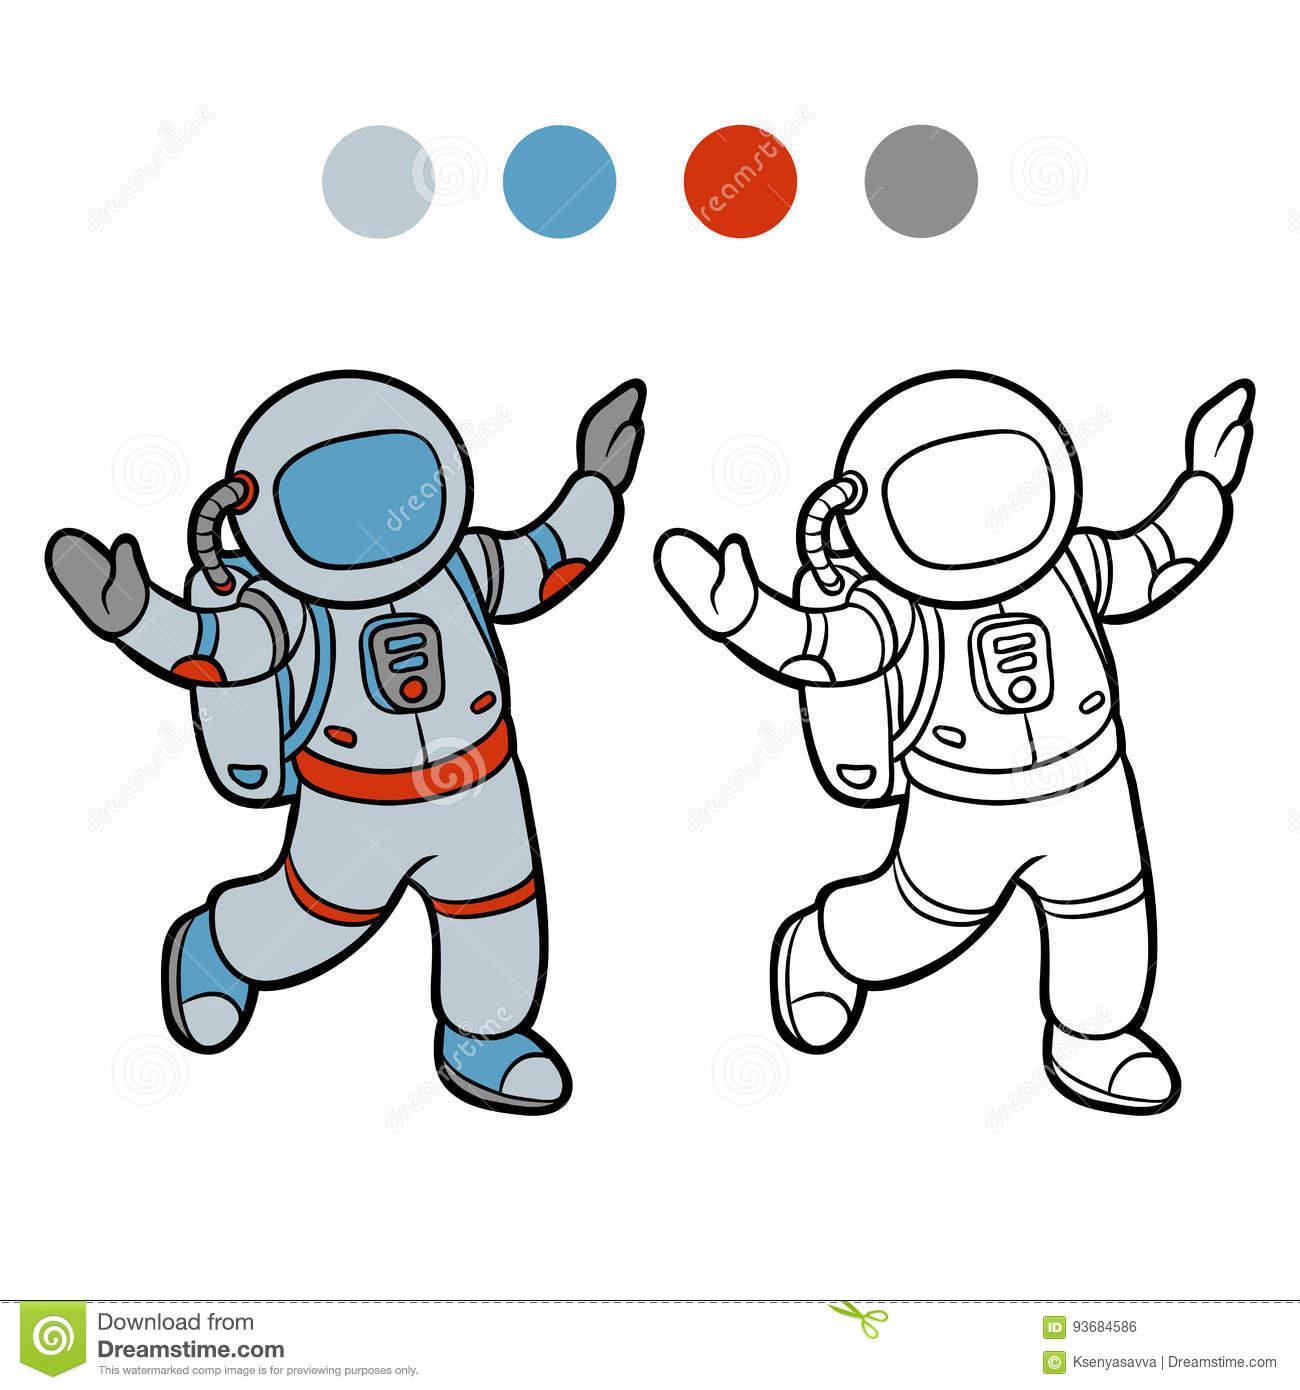 Livre De Coloriage, Astronaute Illustration De Vecteur intérieur Coloriage Astronaute